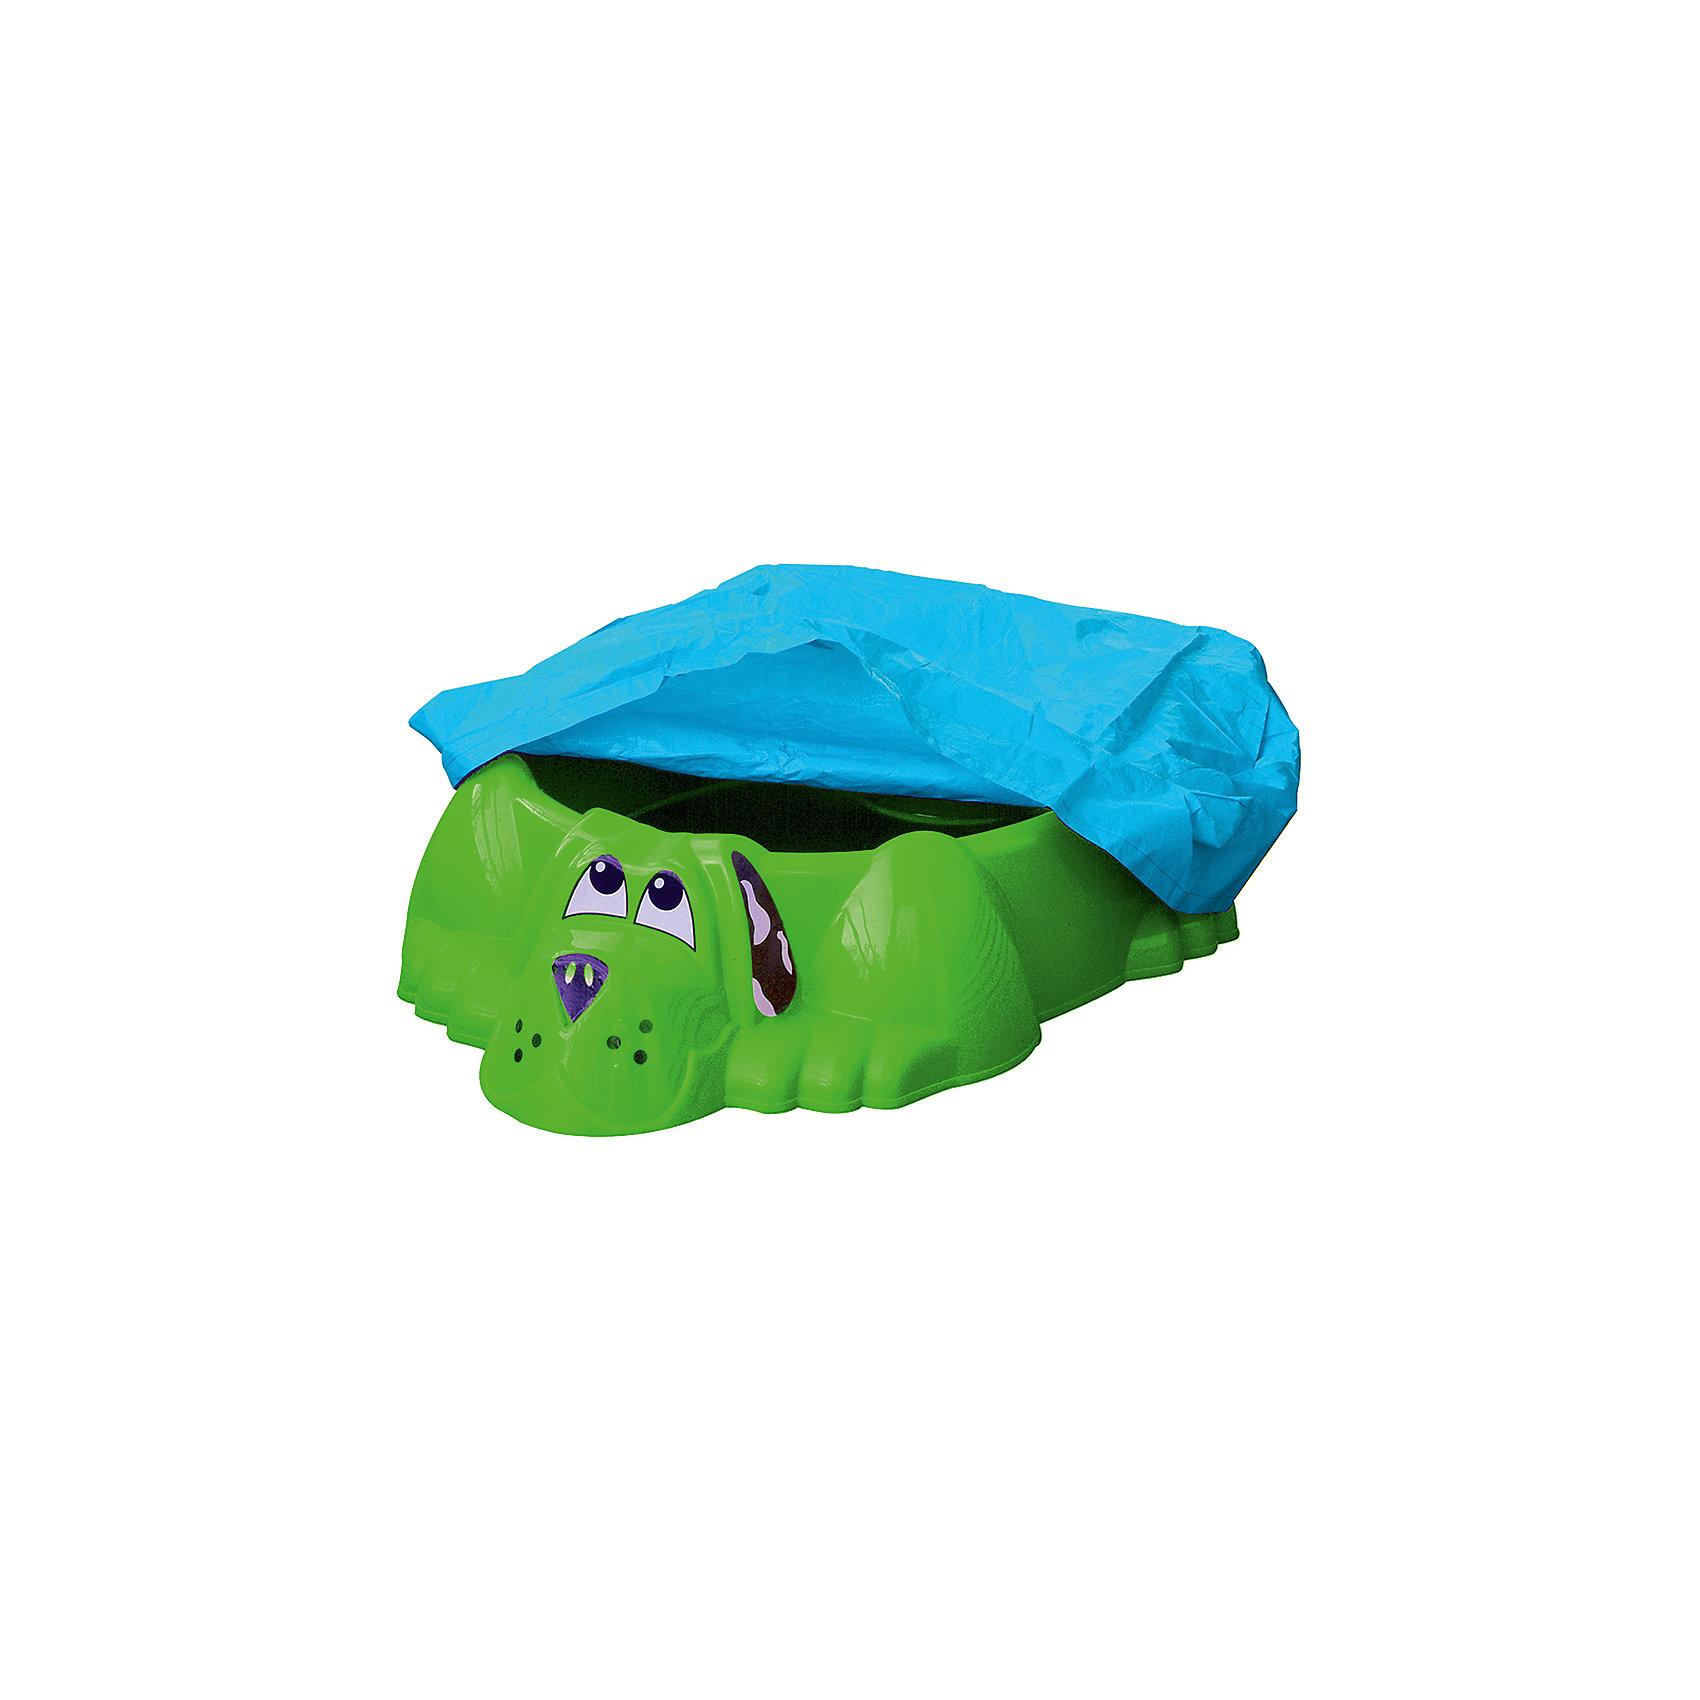 Бассейн-песочница Собачка стентом, зеленая, PalPlay